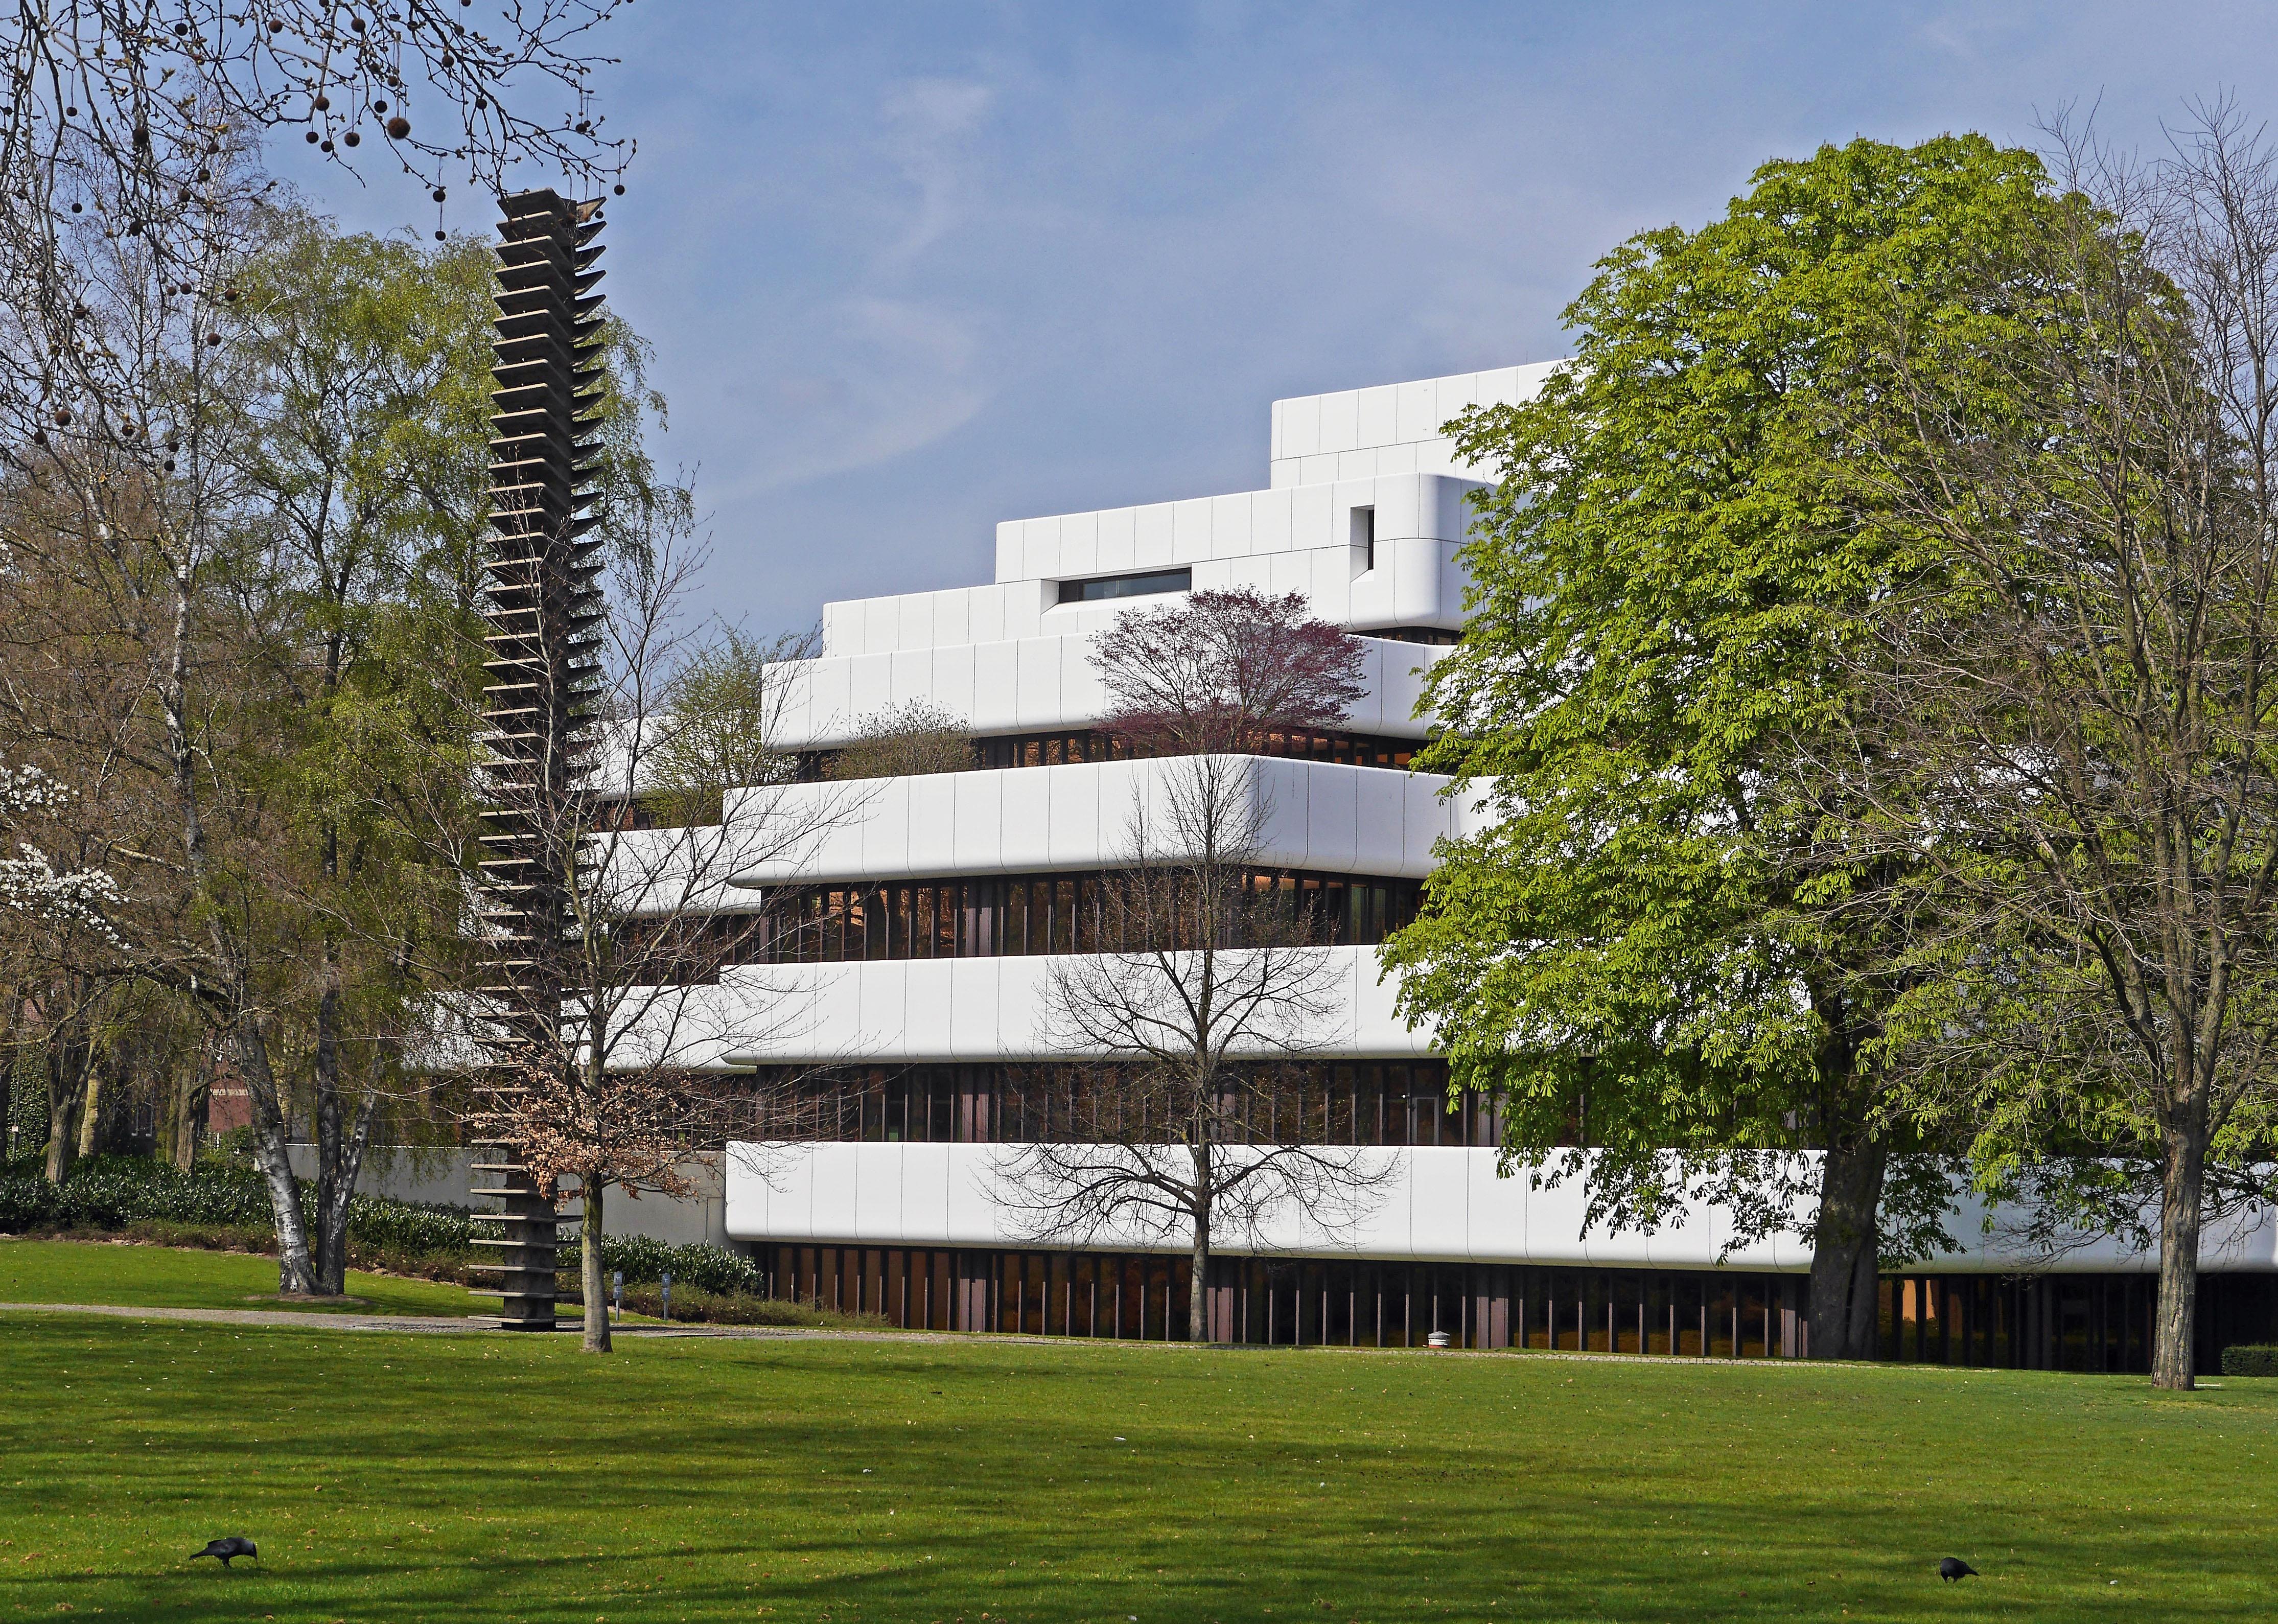 Images gratuites arbre architecture maison ville for Facade immeuble moderne